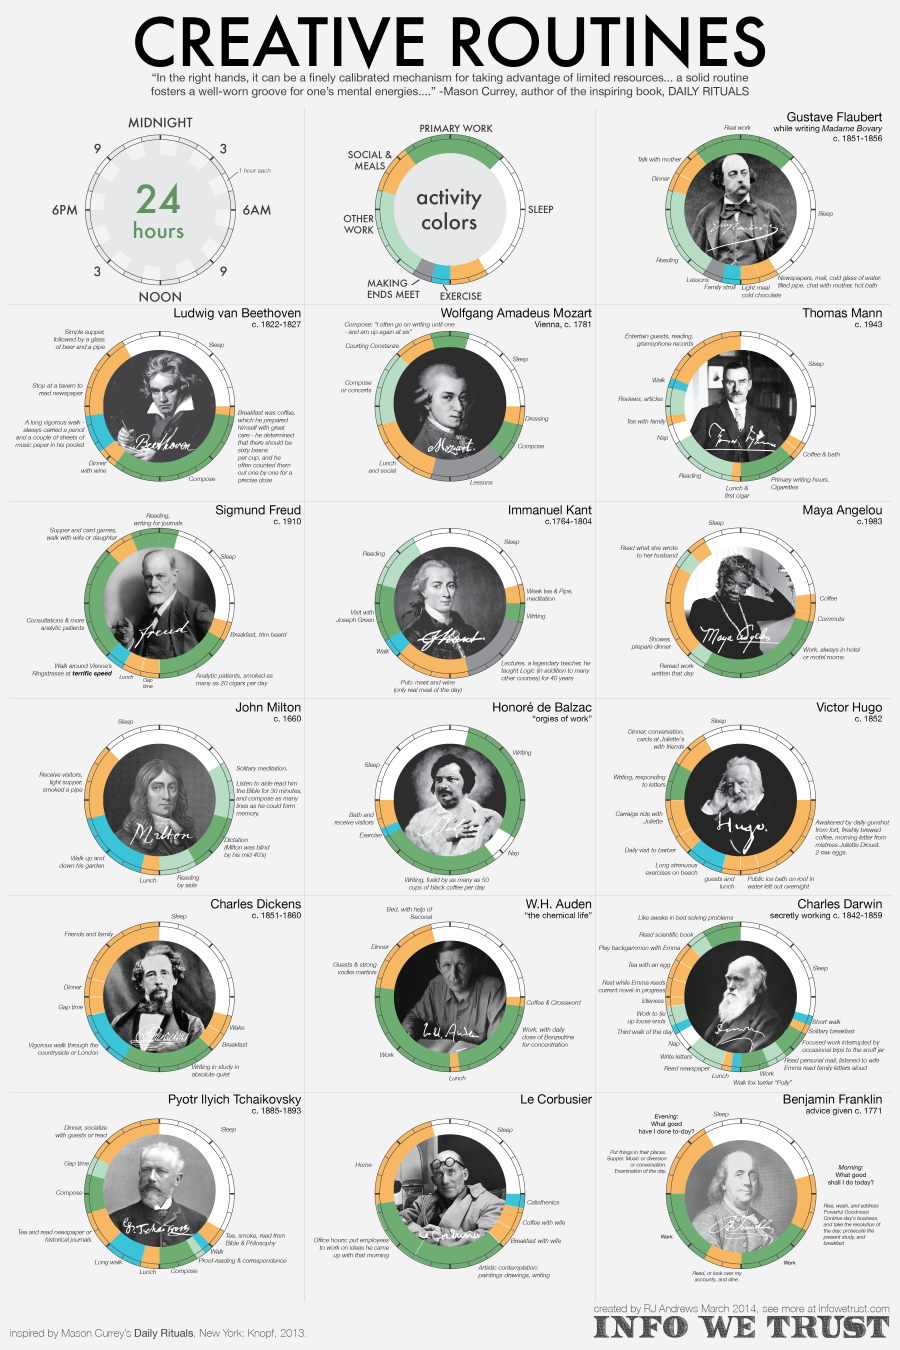 rutina creativos infografía